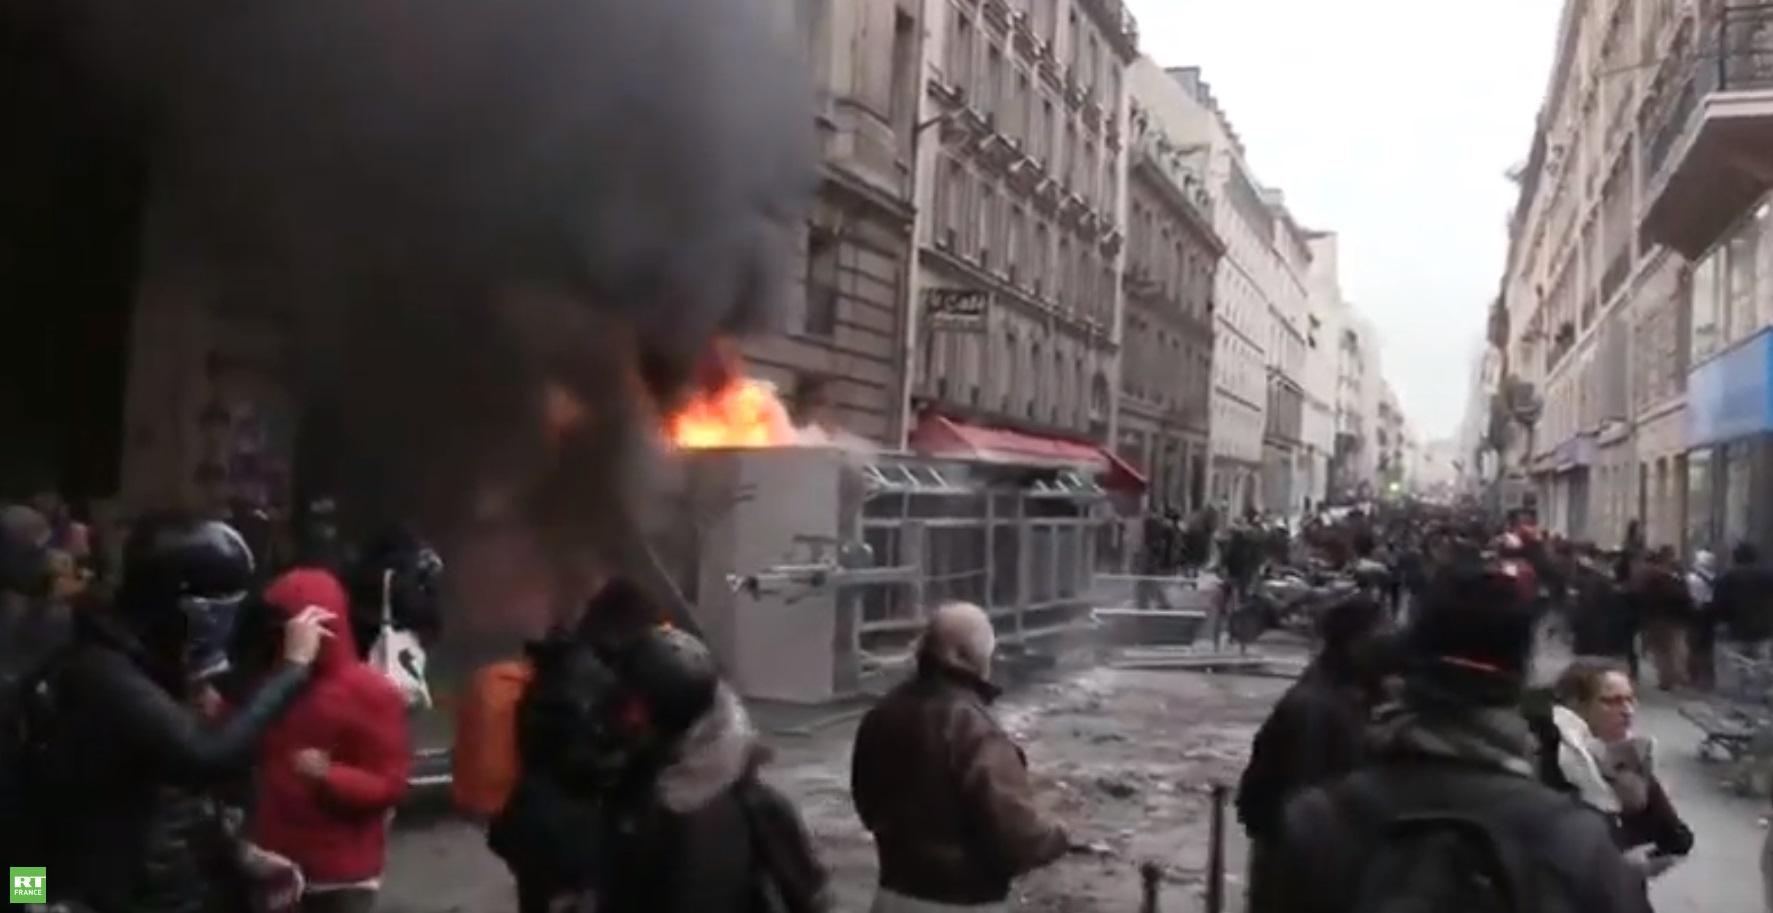 Des incidents éclatent à Paris lors de la mobilisation contre la réforme des retraites